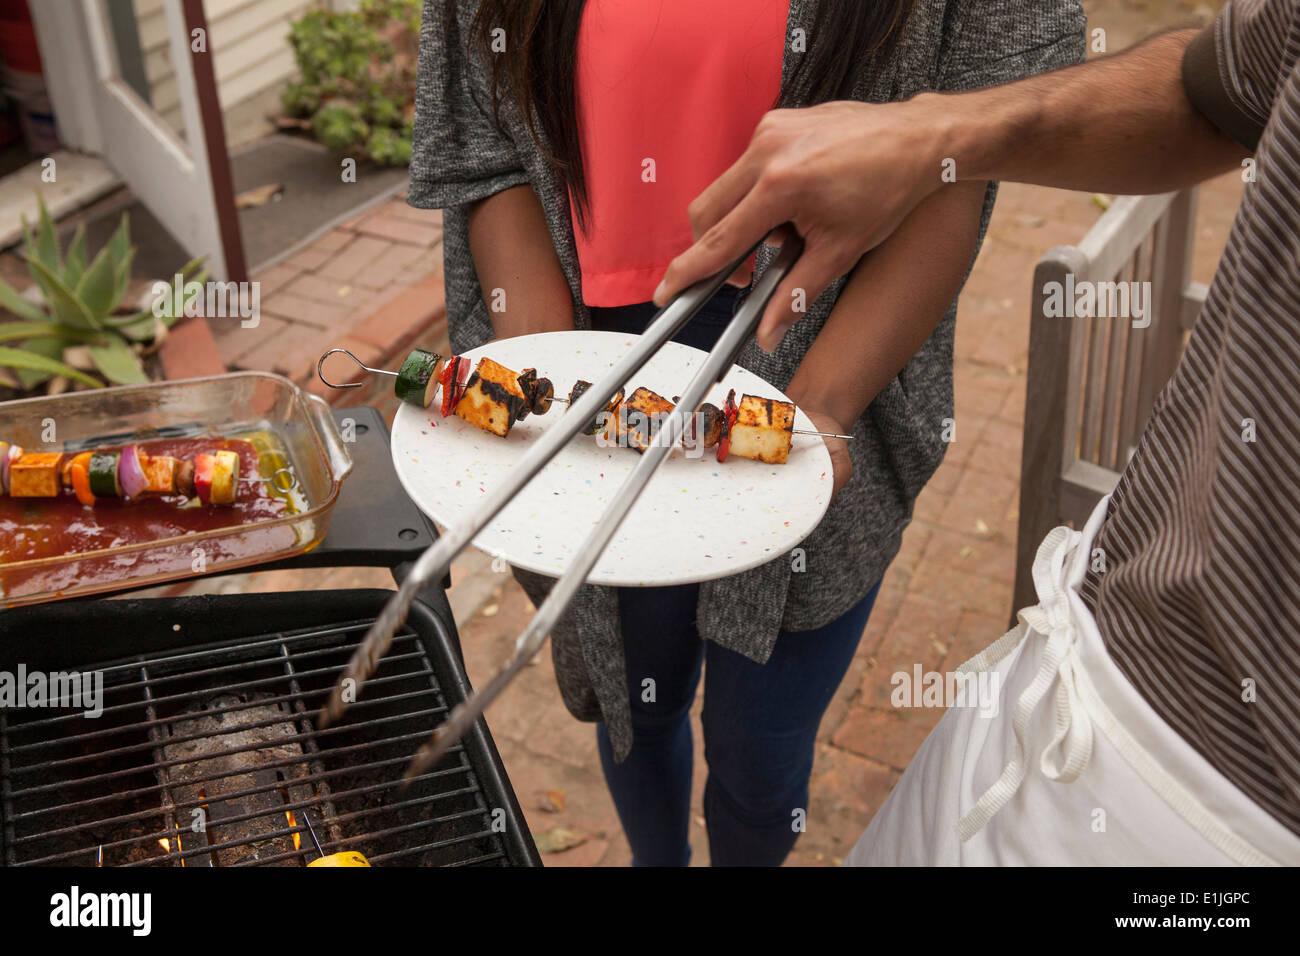 Hombre cocinar brochetas vegetales sobre barbacoa Imagen De Stock